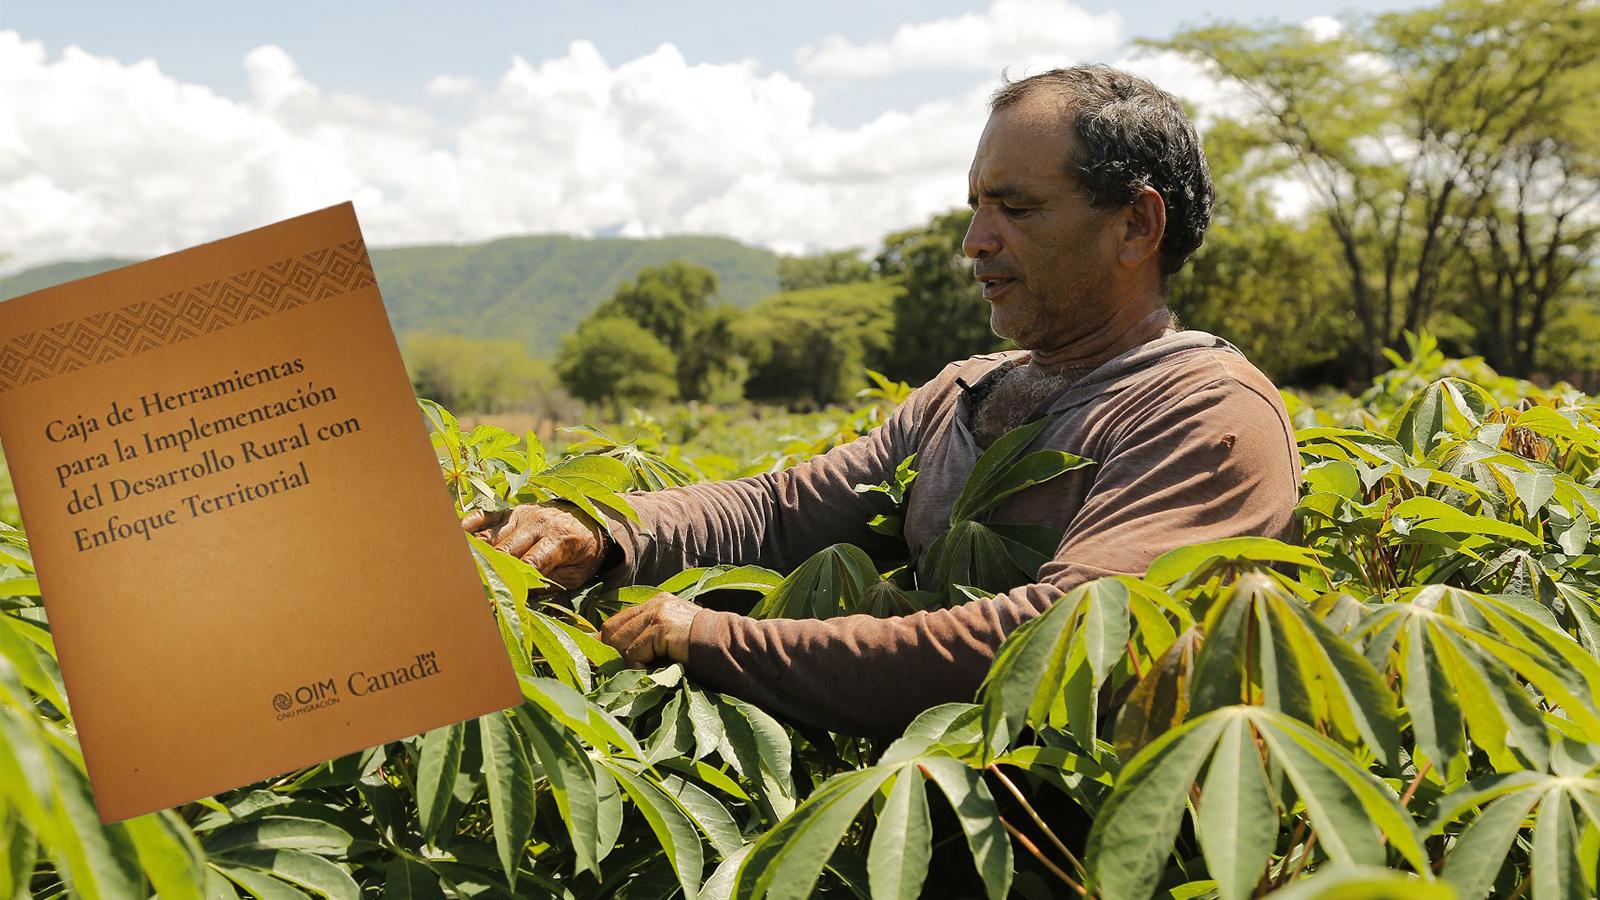 territorio/meta/desde-ahora-campesinos-cuentan-con-un-documento-que-mejorara-sus-practicas-agricolas-y-les-indicara-como-desarrollar-iniciativas-con-enfoque-territorial-dret